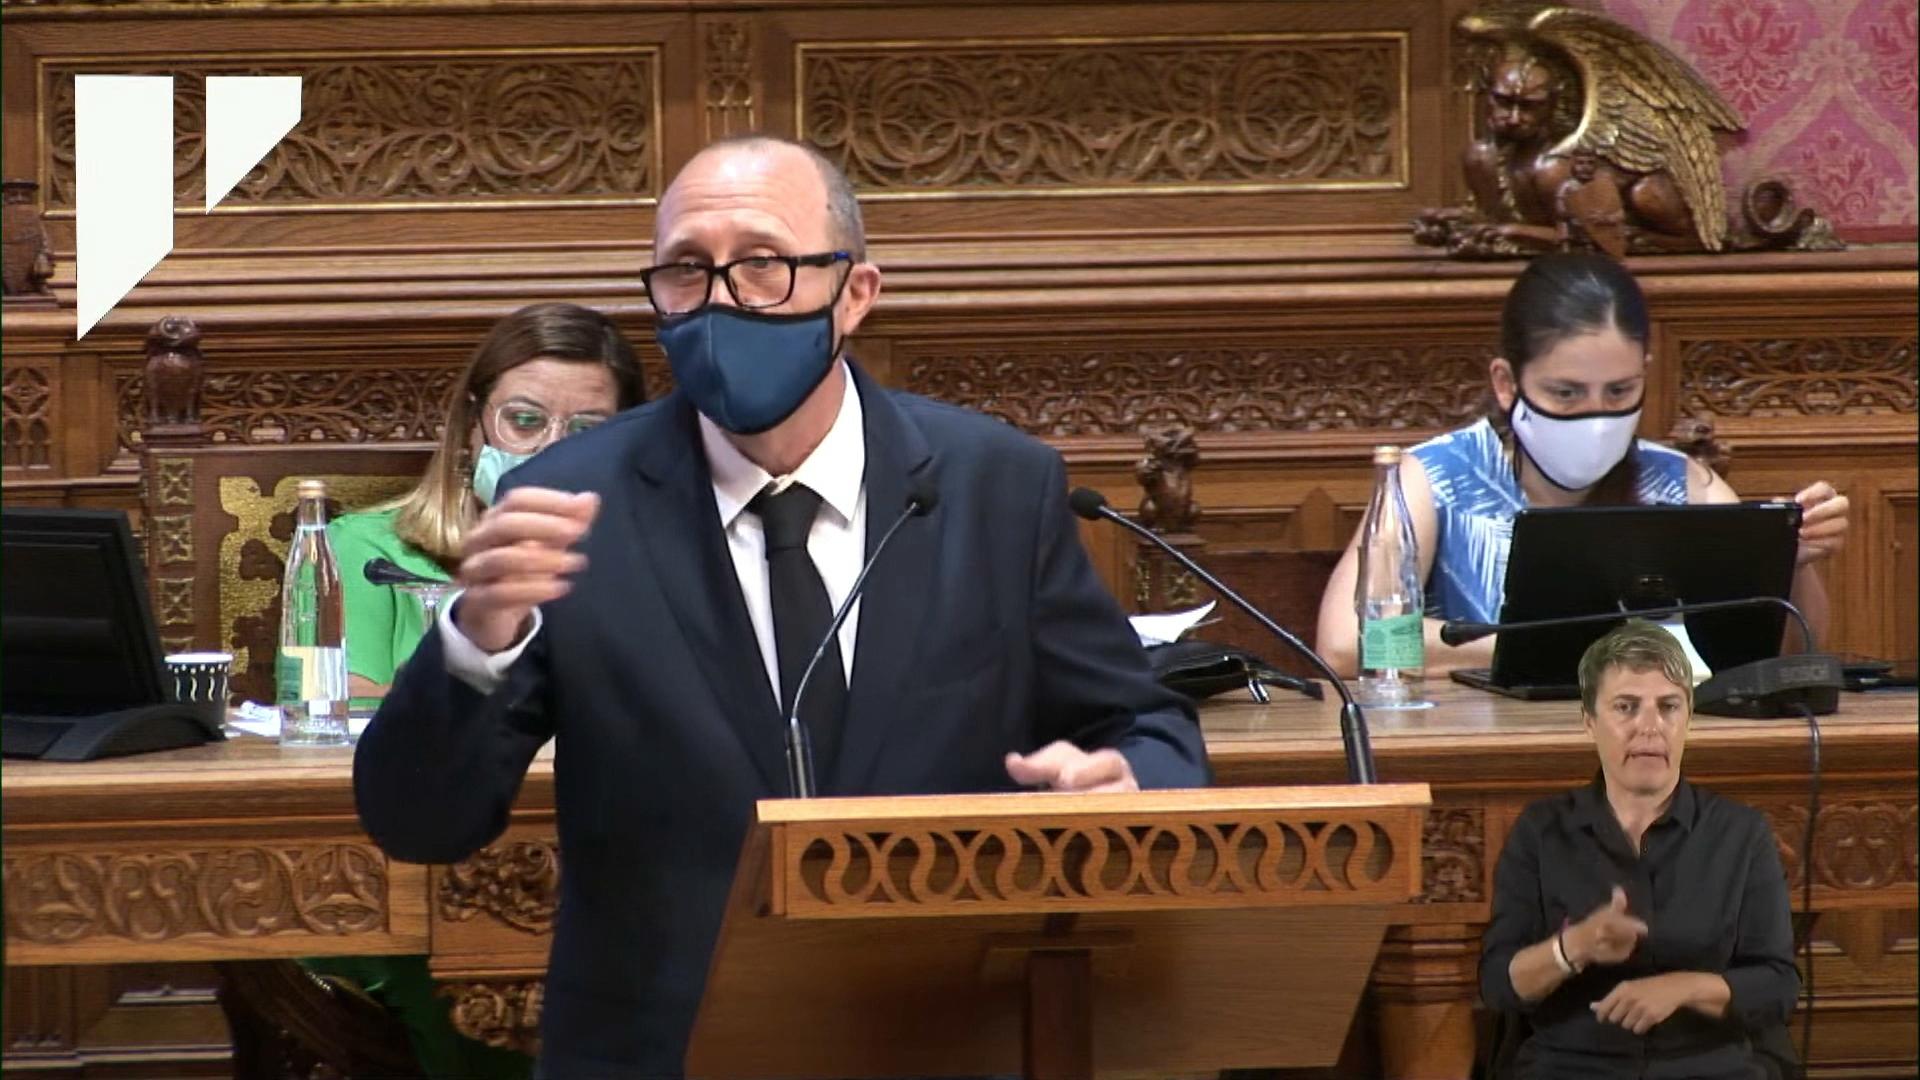 Pol%C3%A8mica+al+Consell+de+Mallorca+per+un+comentari+masclista+del+socialista+Andreu+Alcover